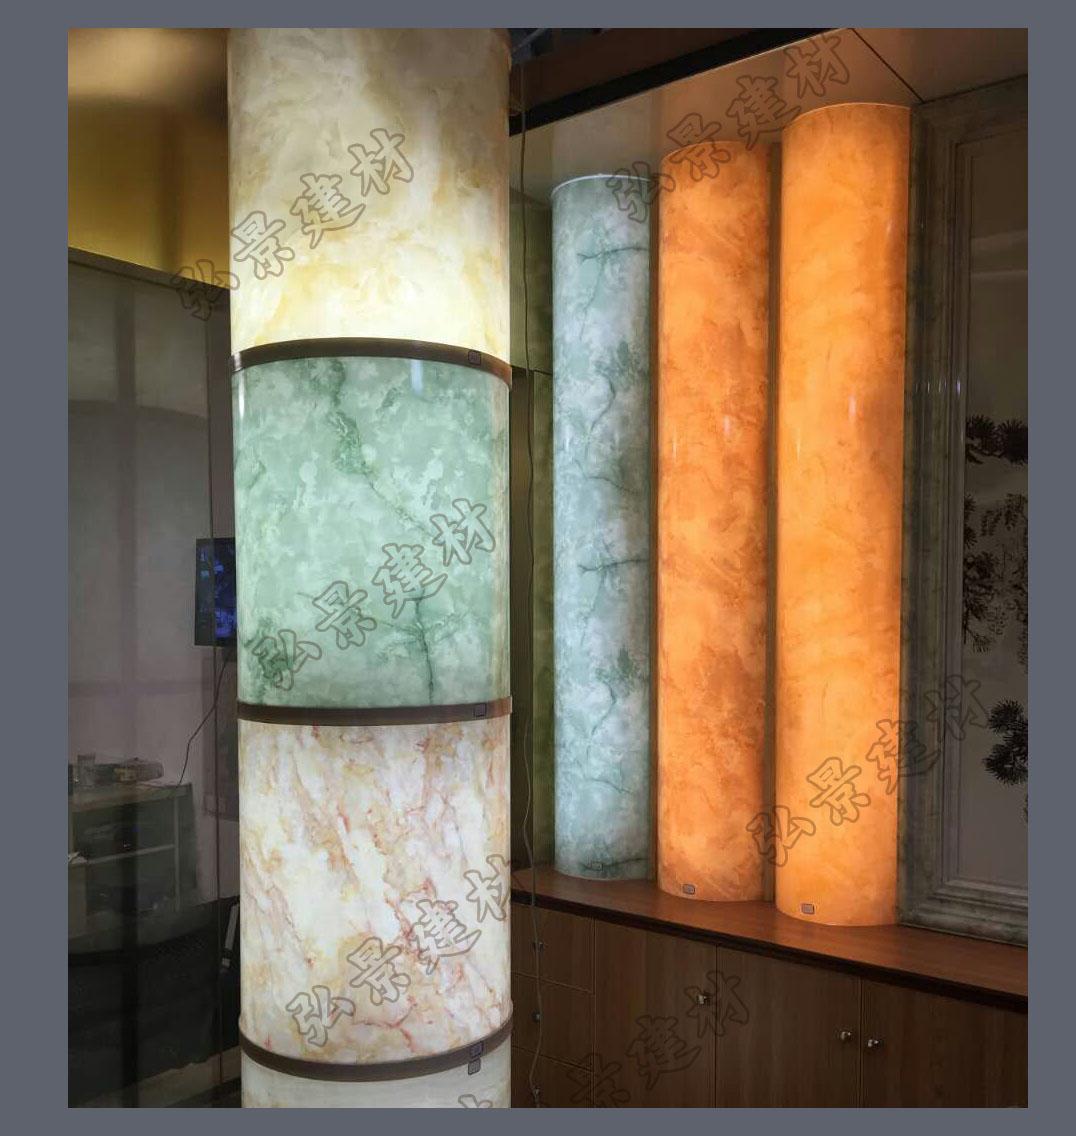 Прозрачность камень прозрачность доска акрил органическое стекло нефрит скала топ живая дорога форма так стена сделанный на заказ желто-зеленый нефрит 2.0